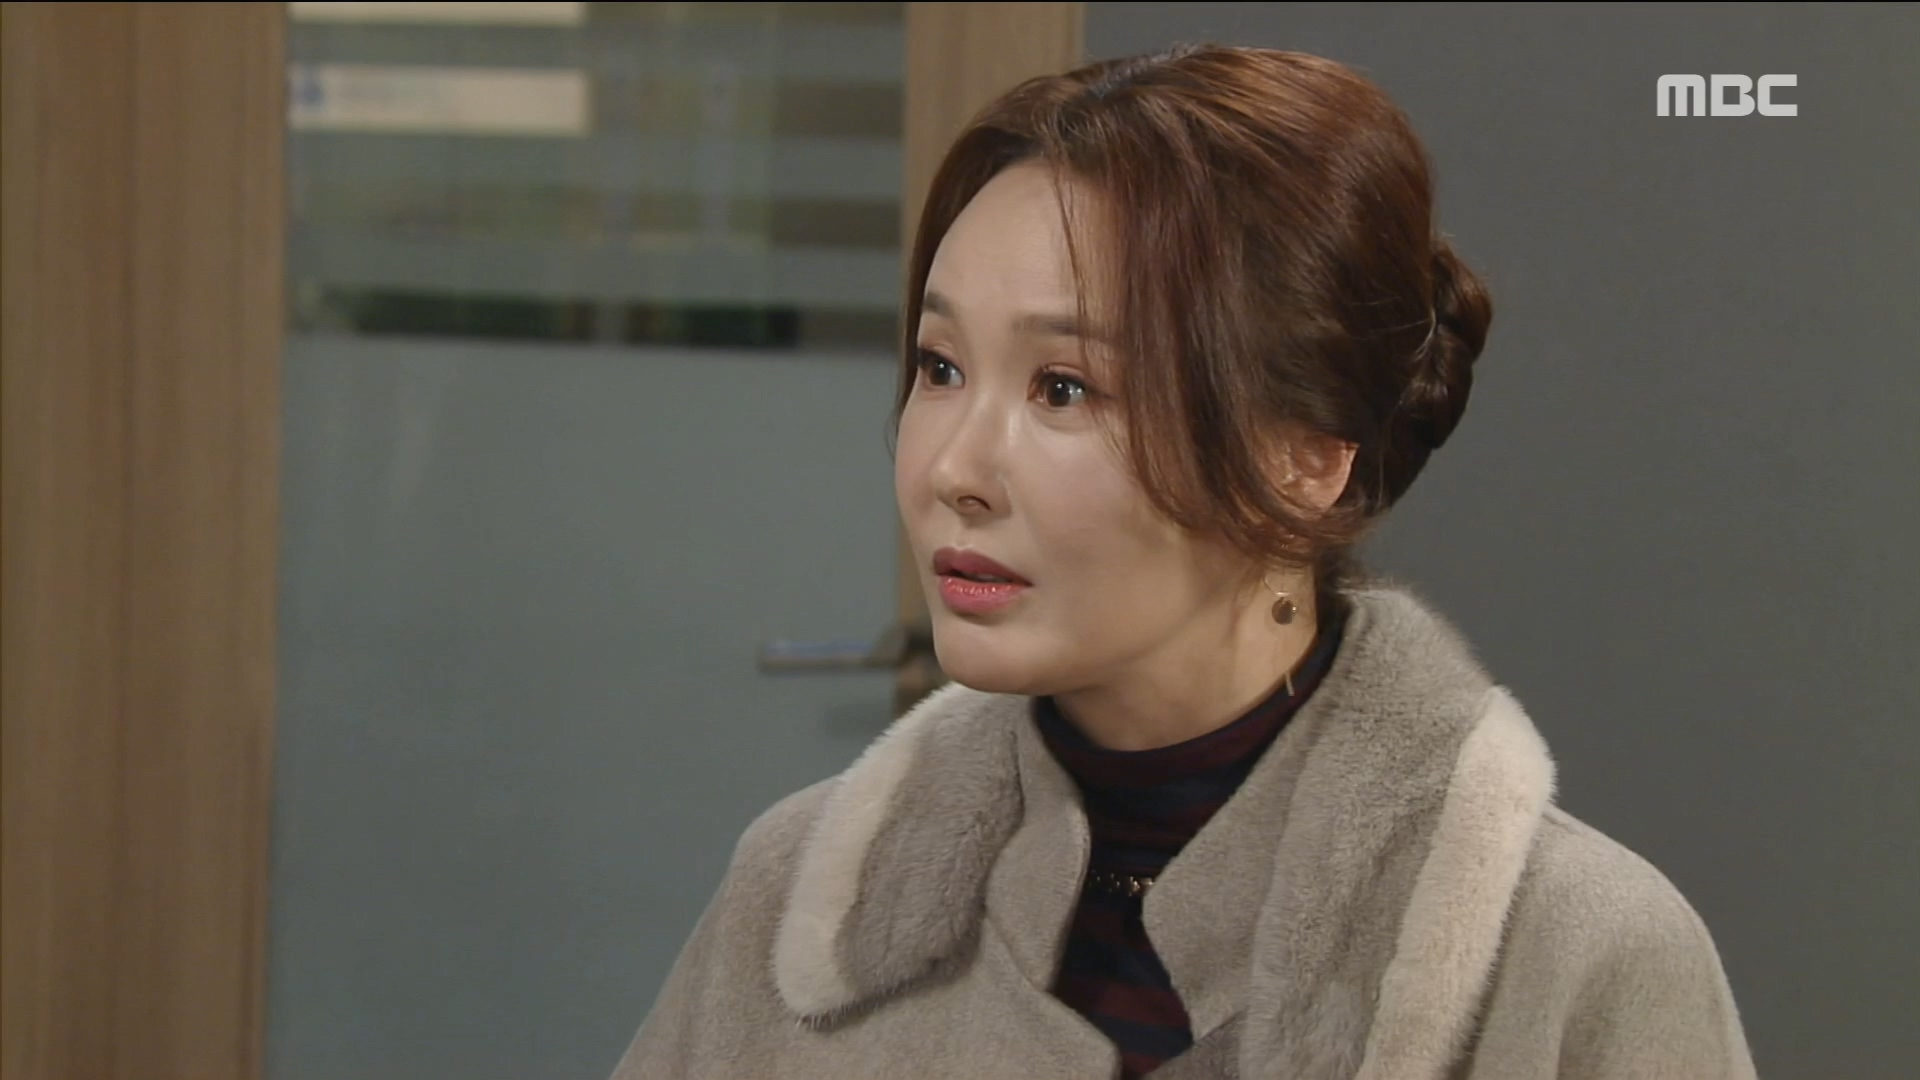 '최윤영에게 딴마음 품고 있니?' 최수린,은근슬쩍 구원 떠보기?!